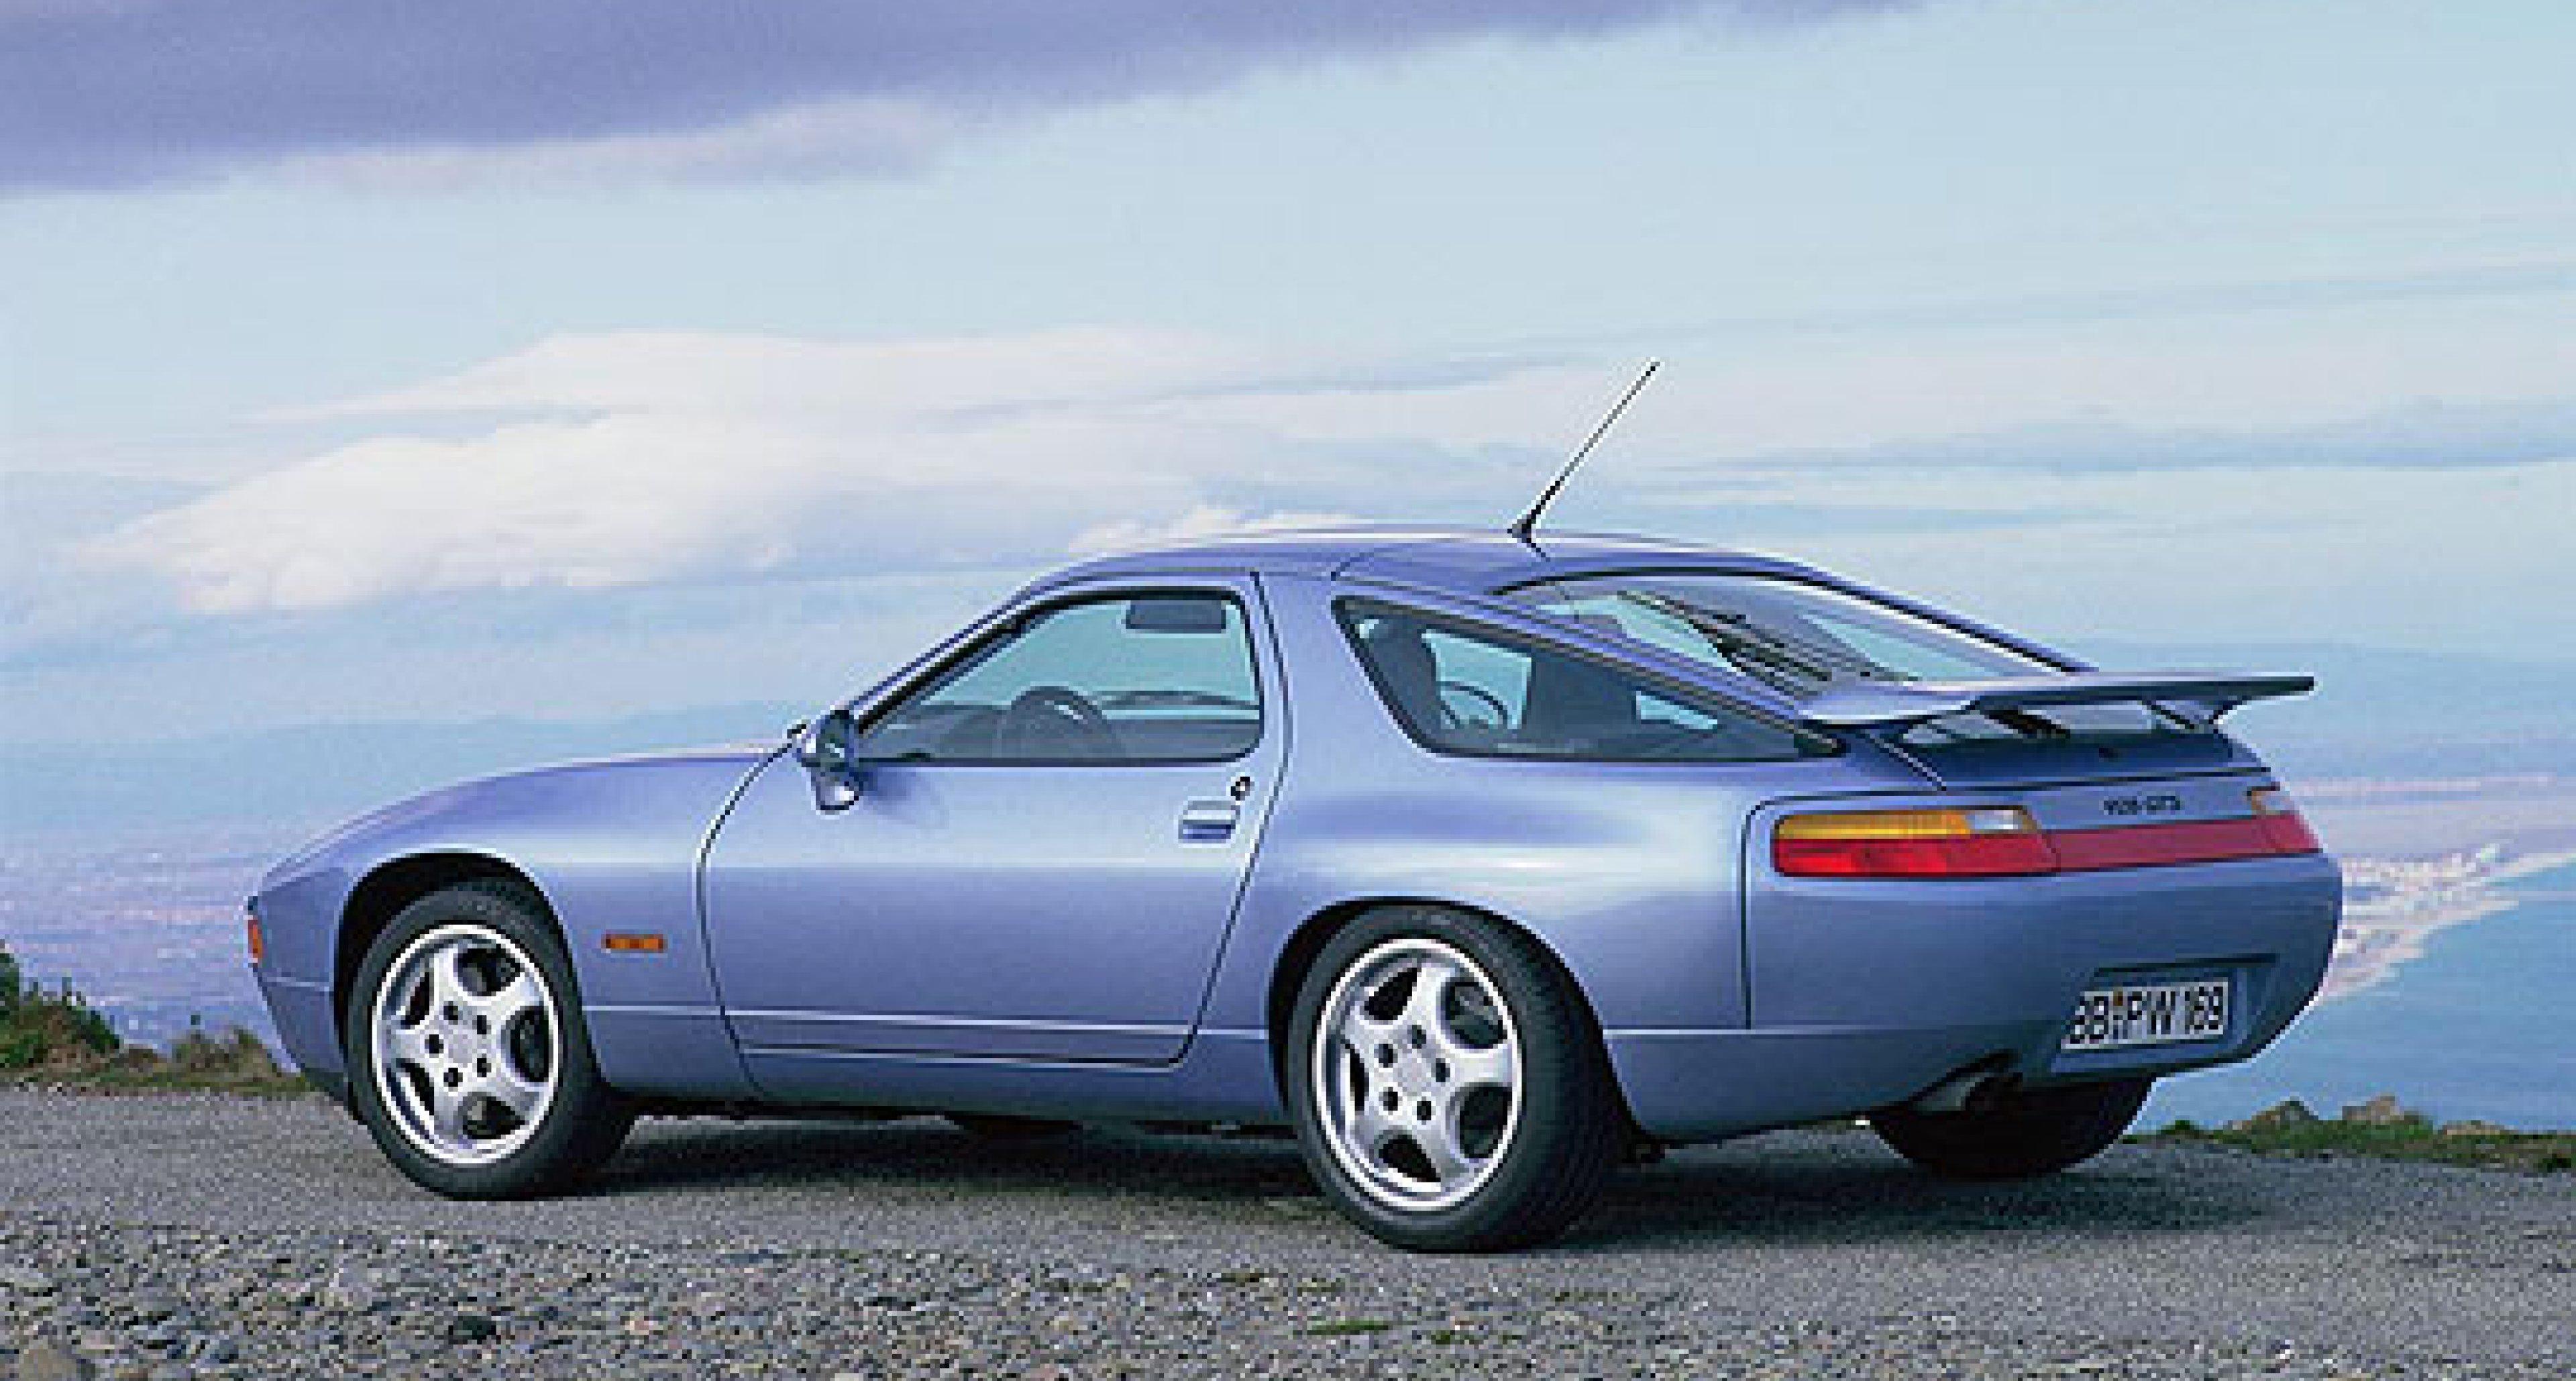 Modern Classics: Porsche 928